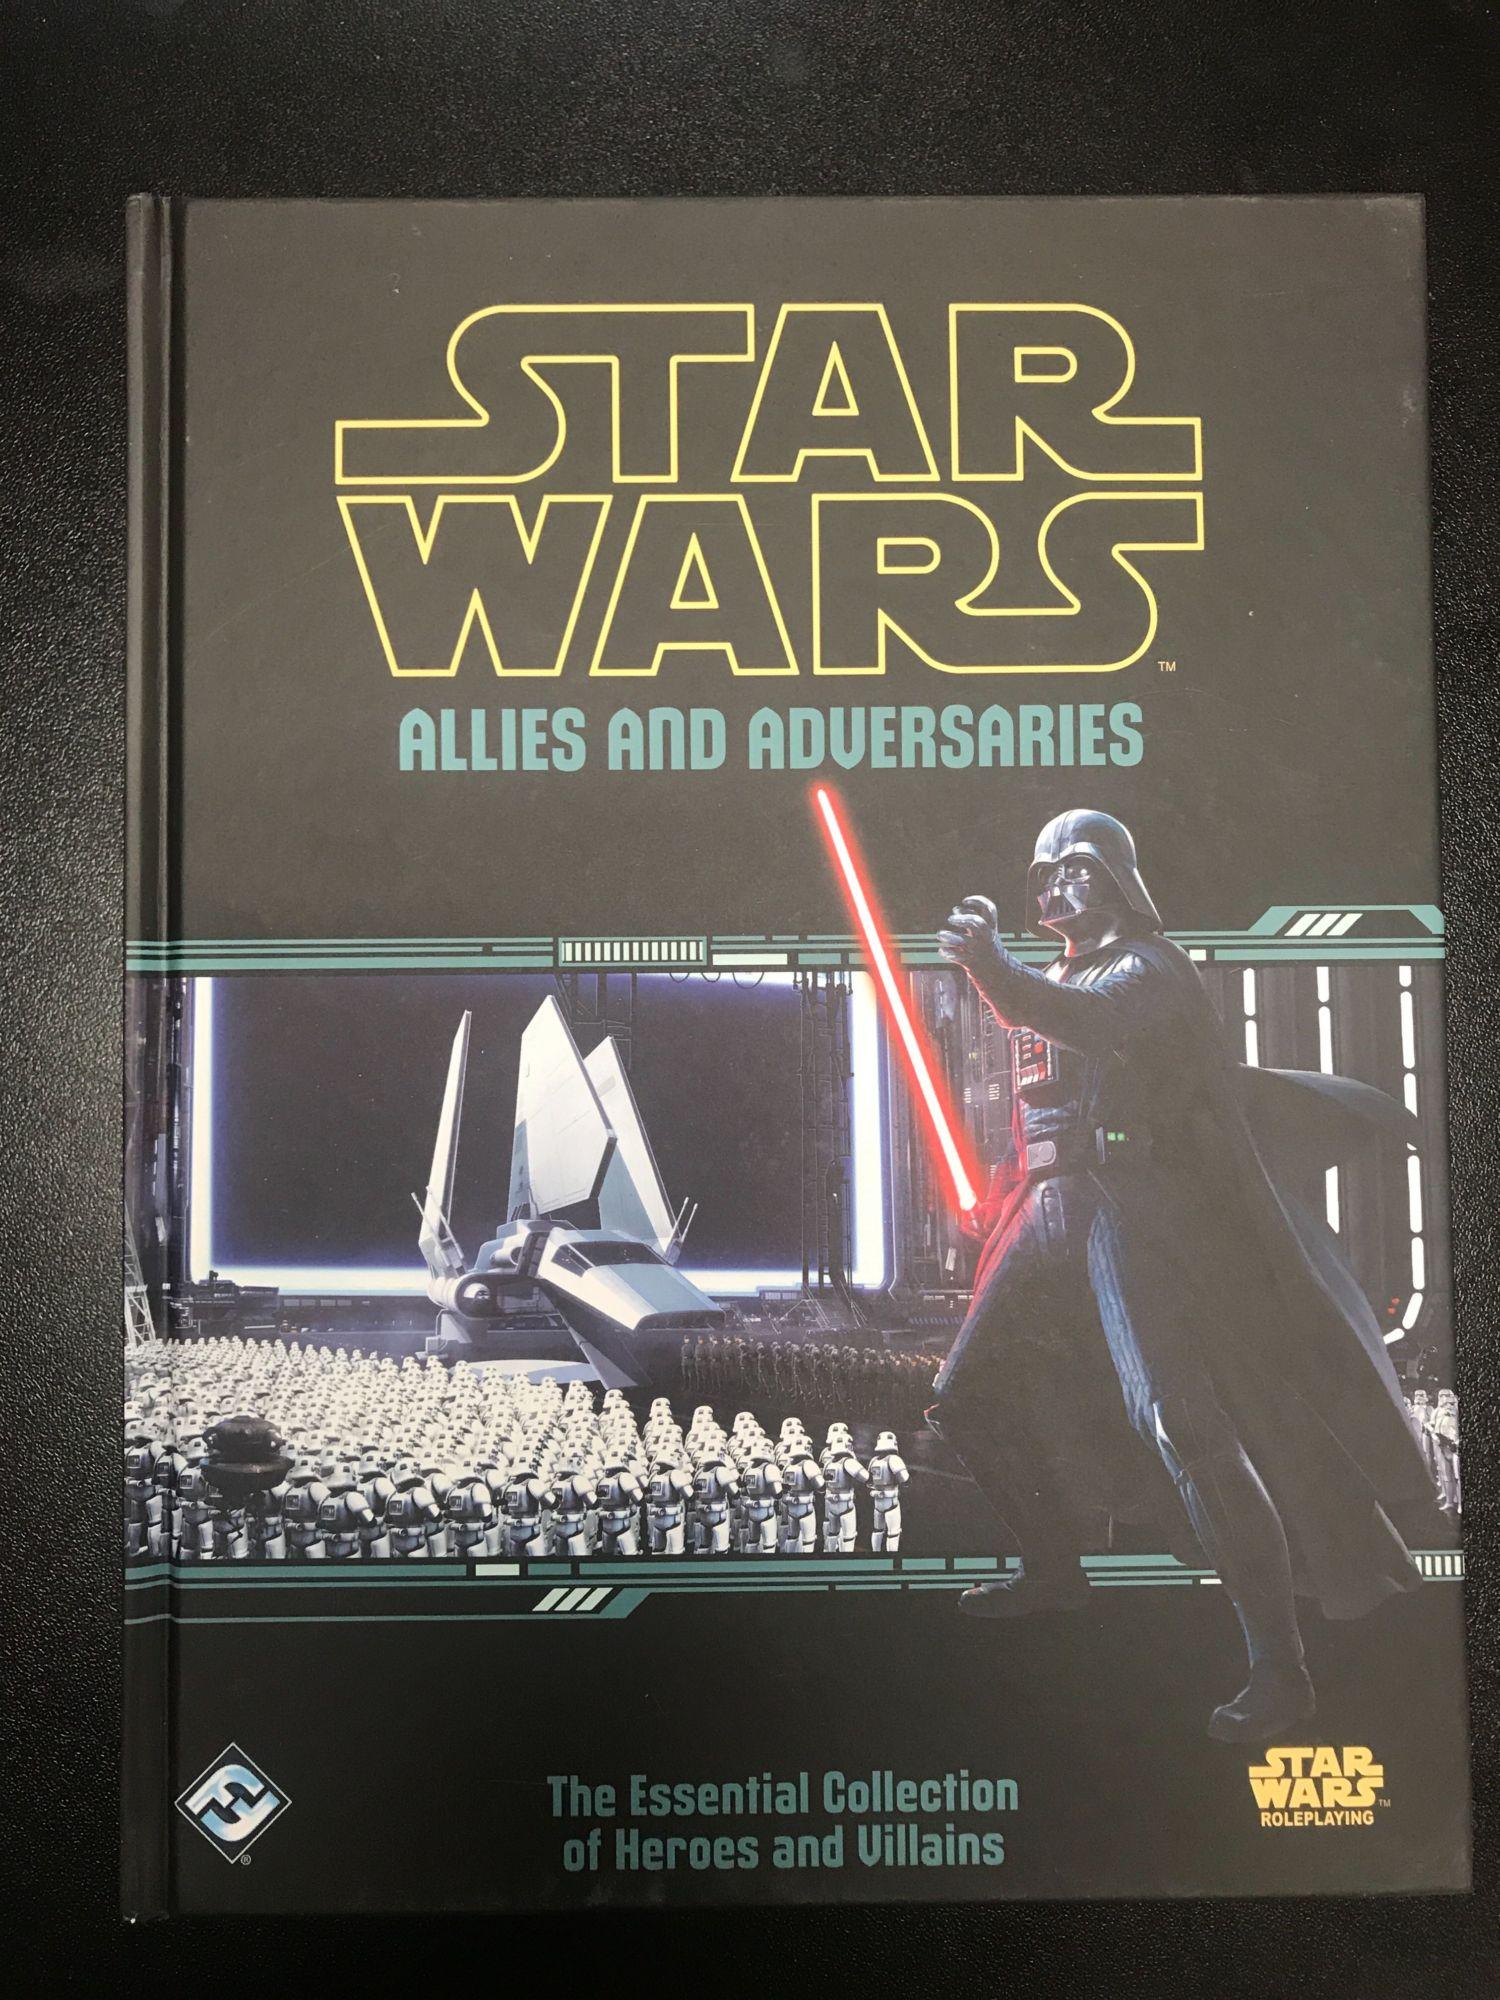 RPG Review: 'Star Wars: Allies and Adversaries' Sourcebook